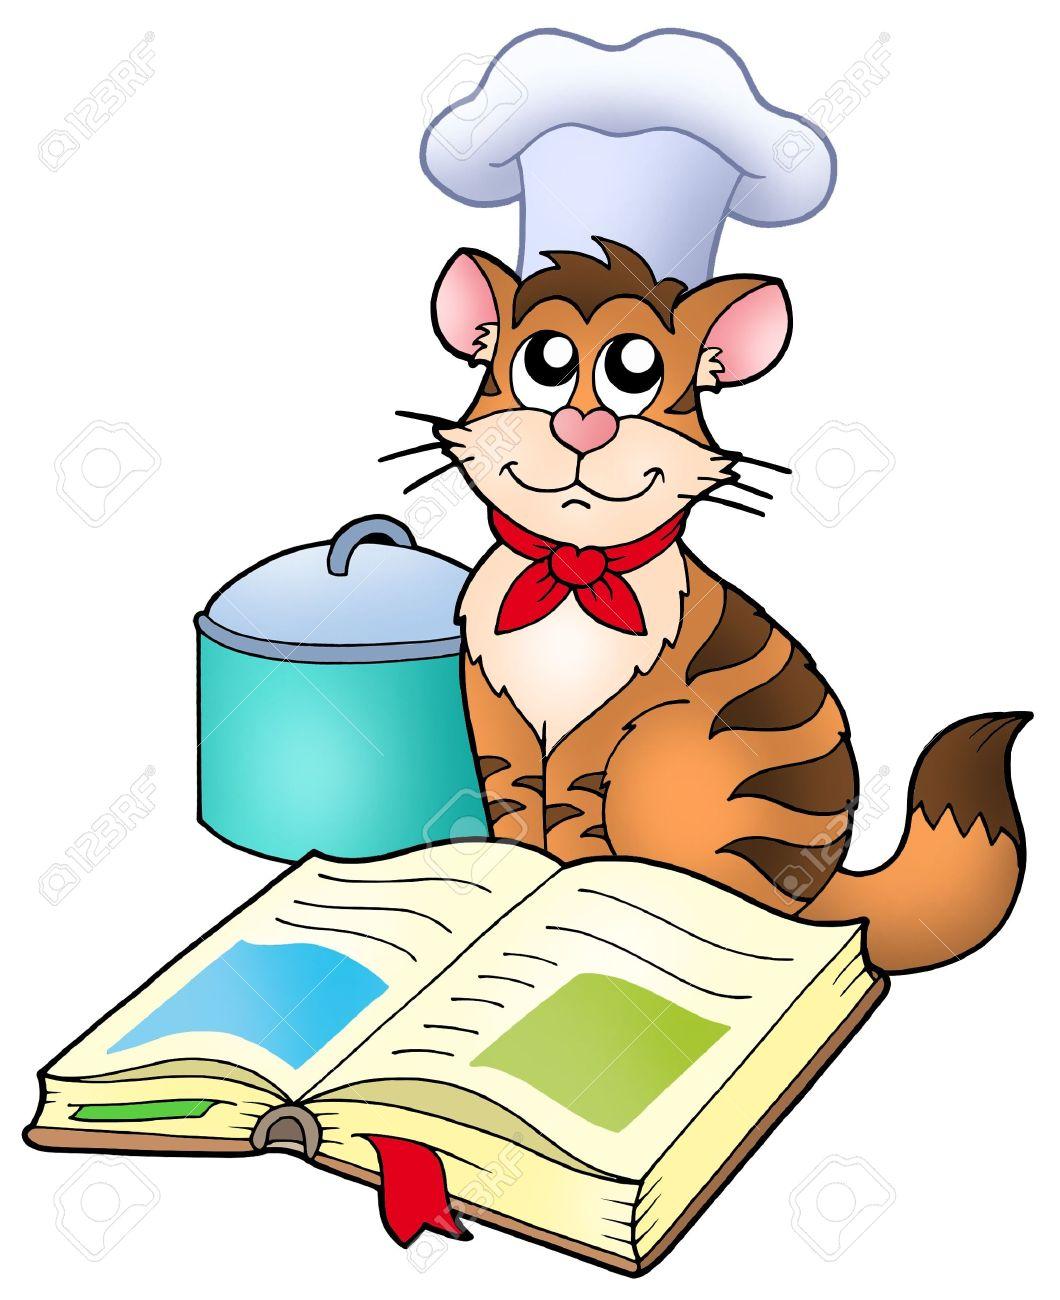 chat-livre-de-cuisine-gif